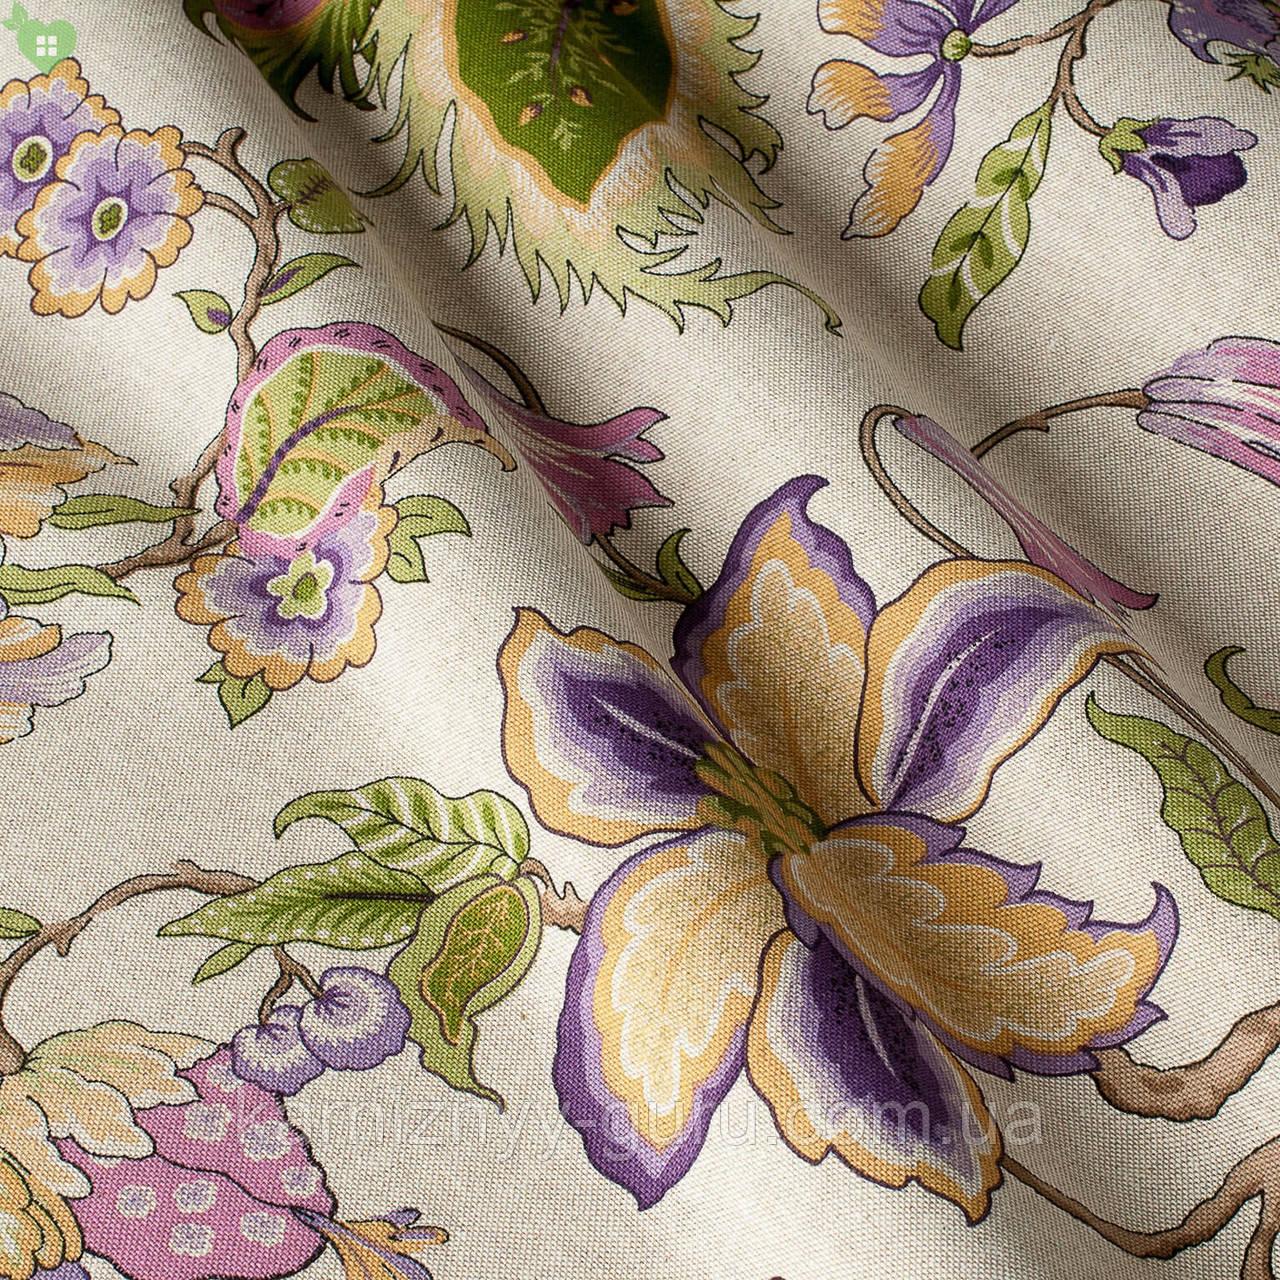 Декоративная ткань крупные тропические растения фиолетового и бежевого цвета на льне Испания 82140v3